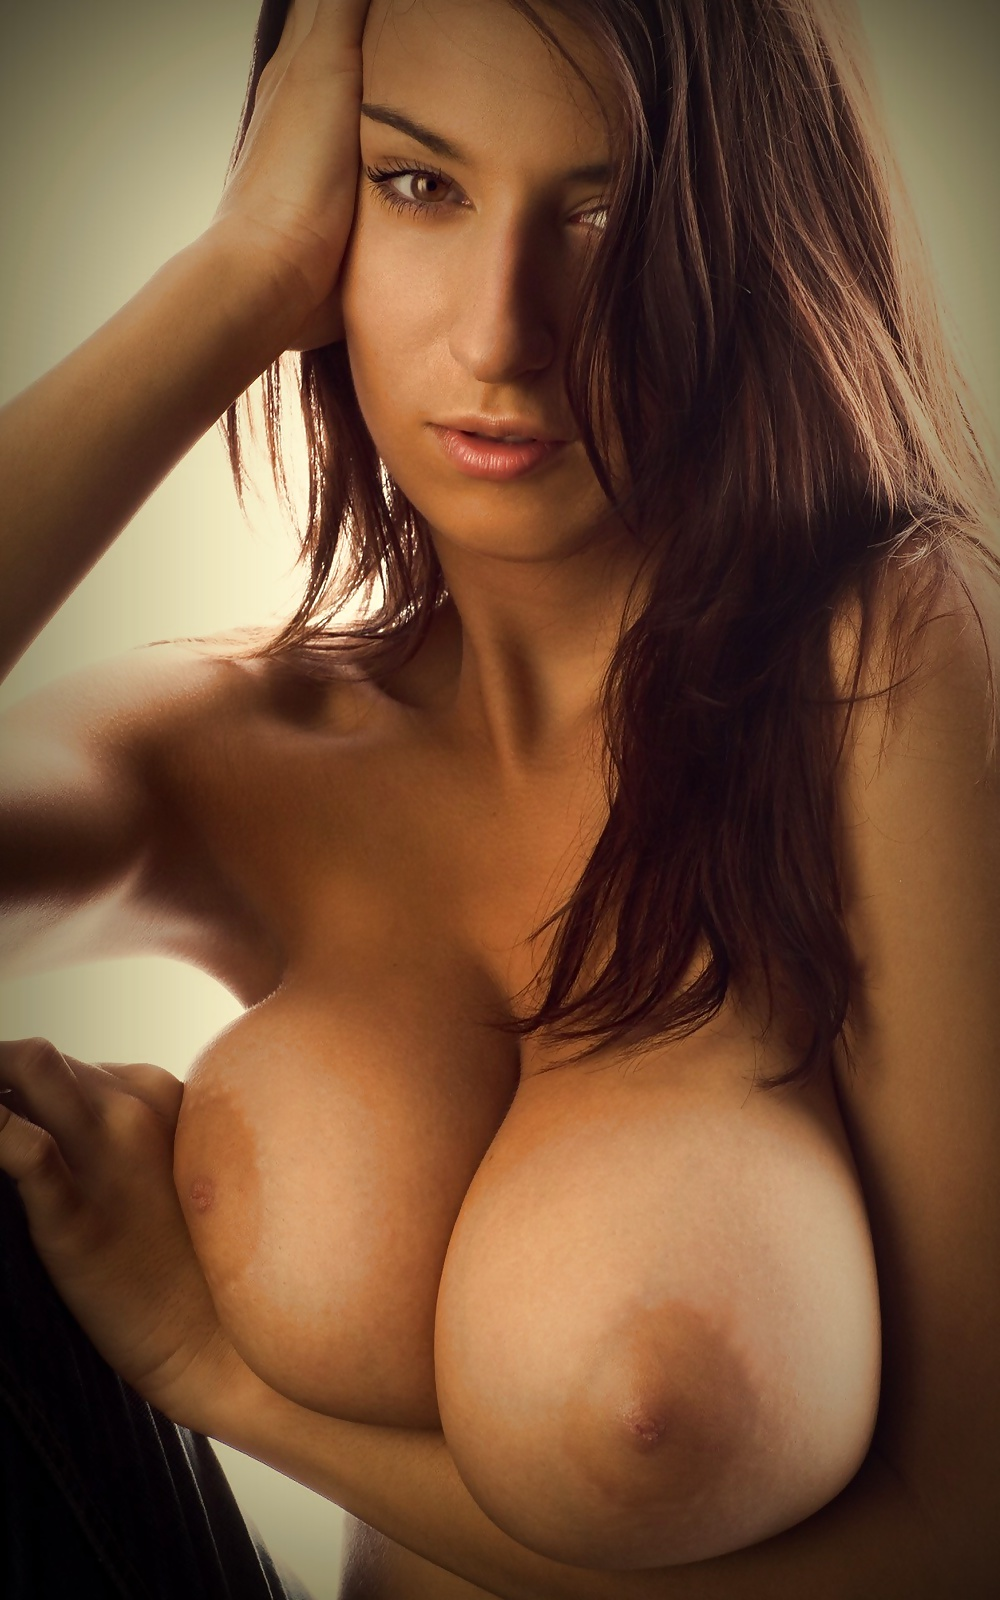 Big Tits Breasts